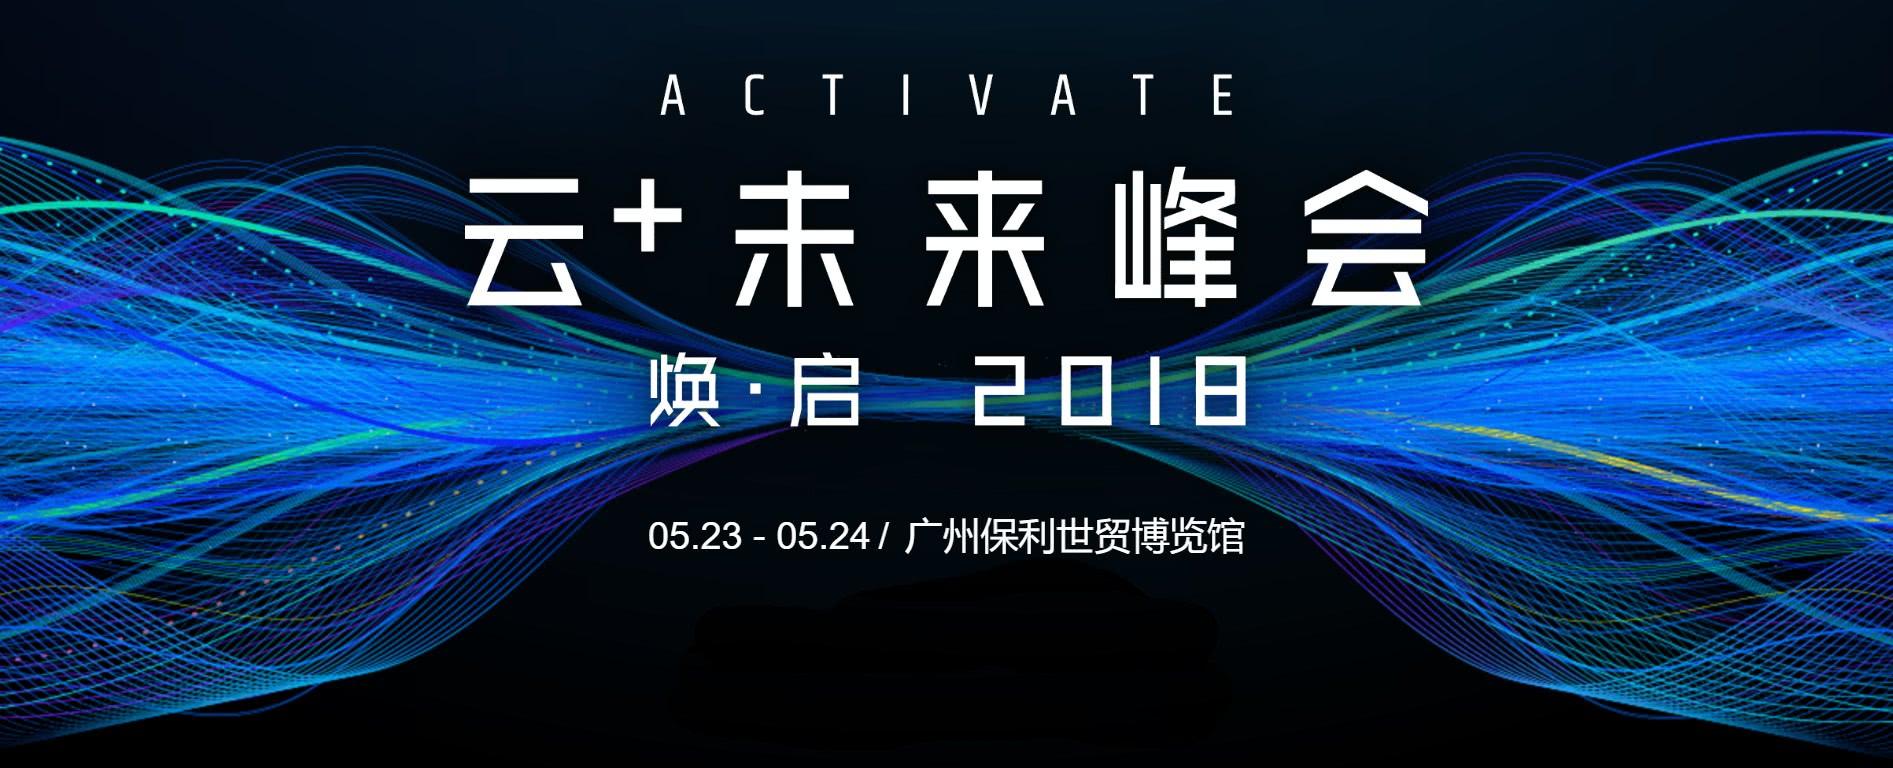 安全联盟亮相腾讯云+未来峰会 打造云上安全网络空间